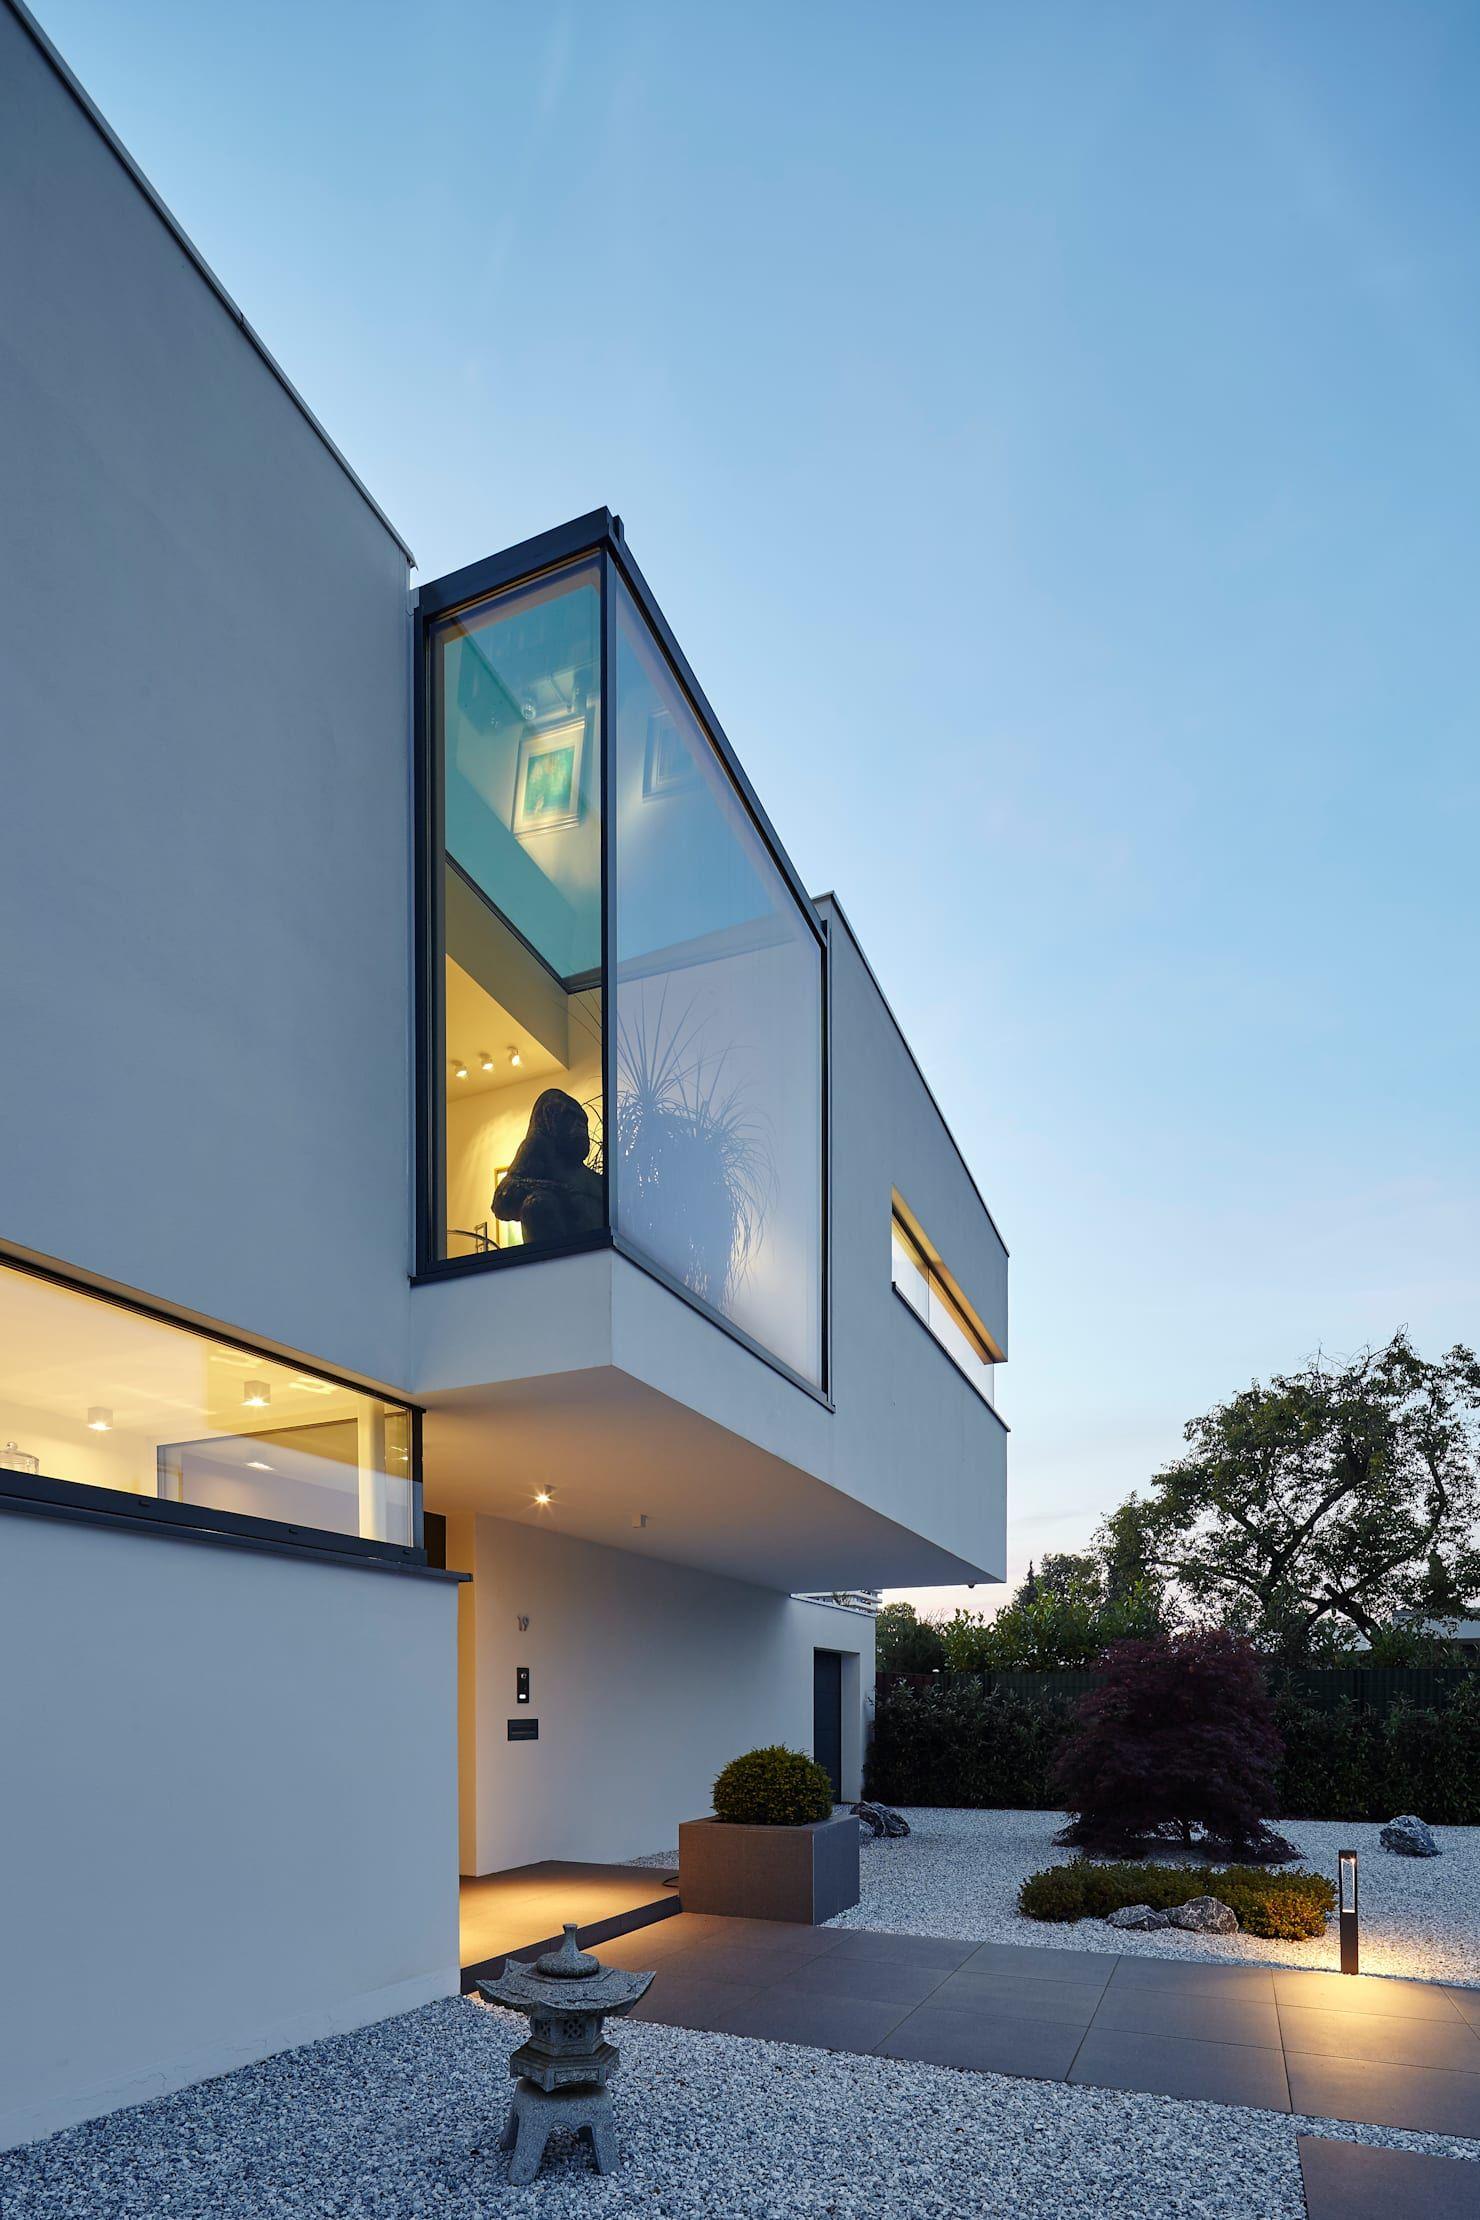 Villa s. moderne häuser von lioba schneider modern #modernhousedesigninterior